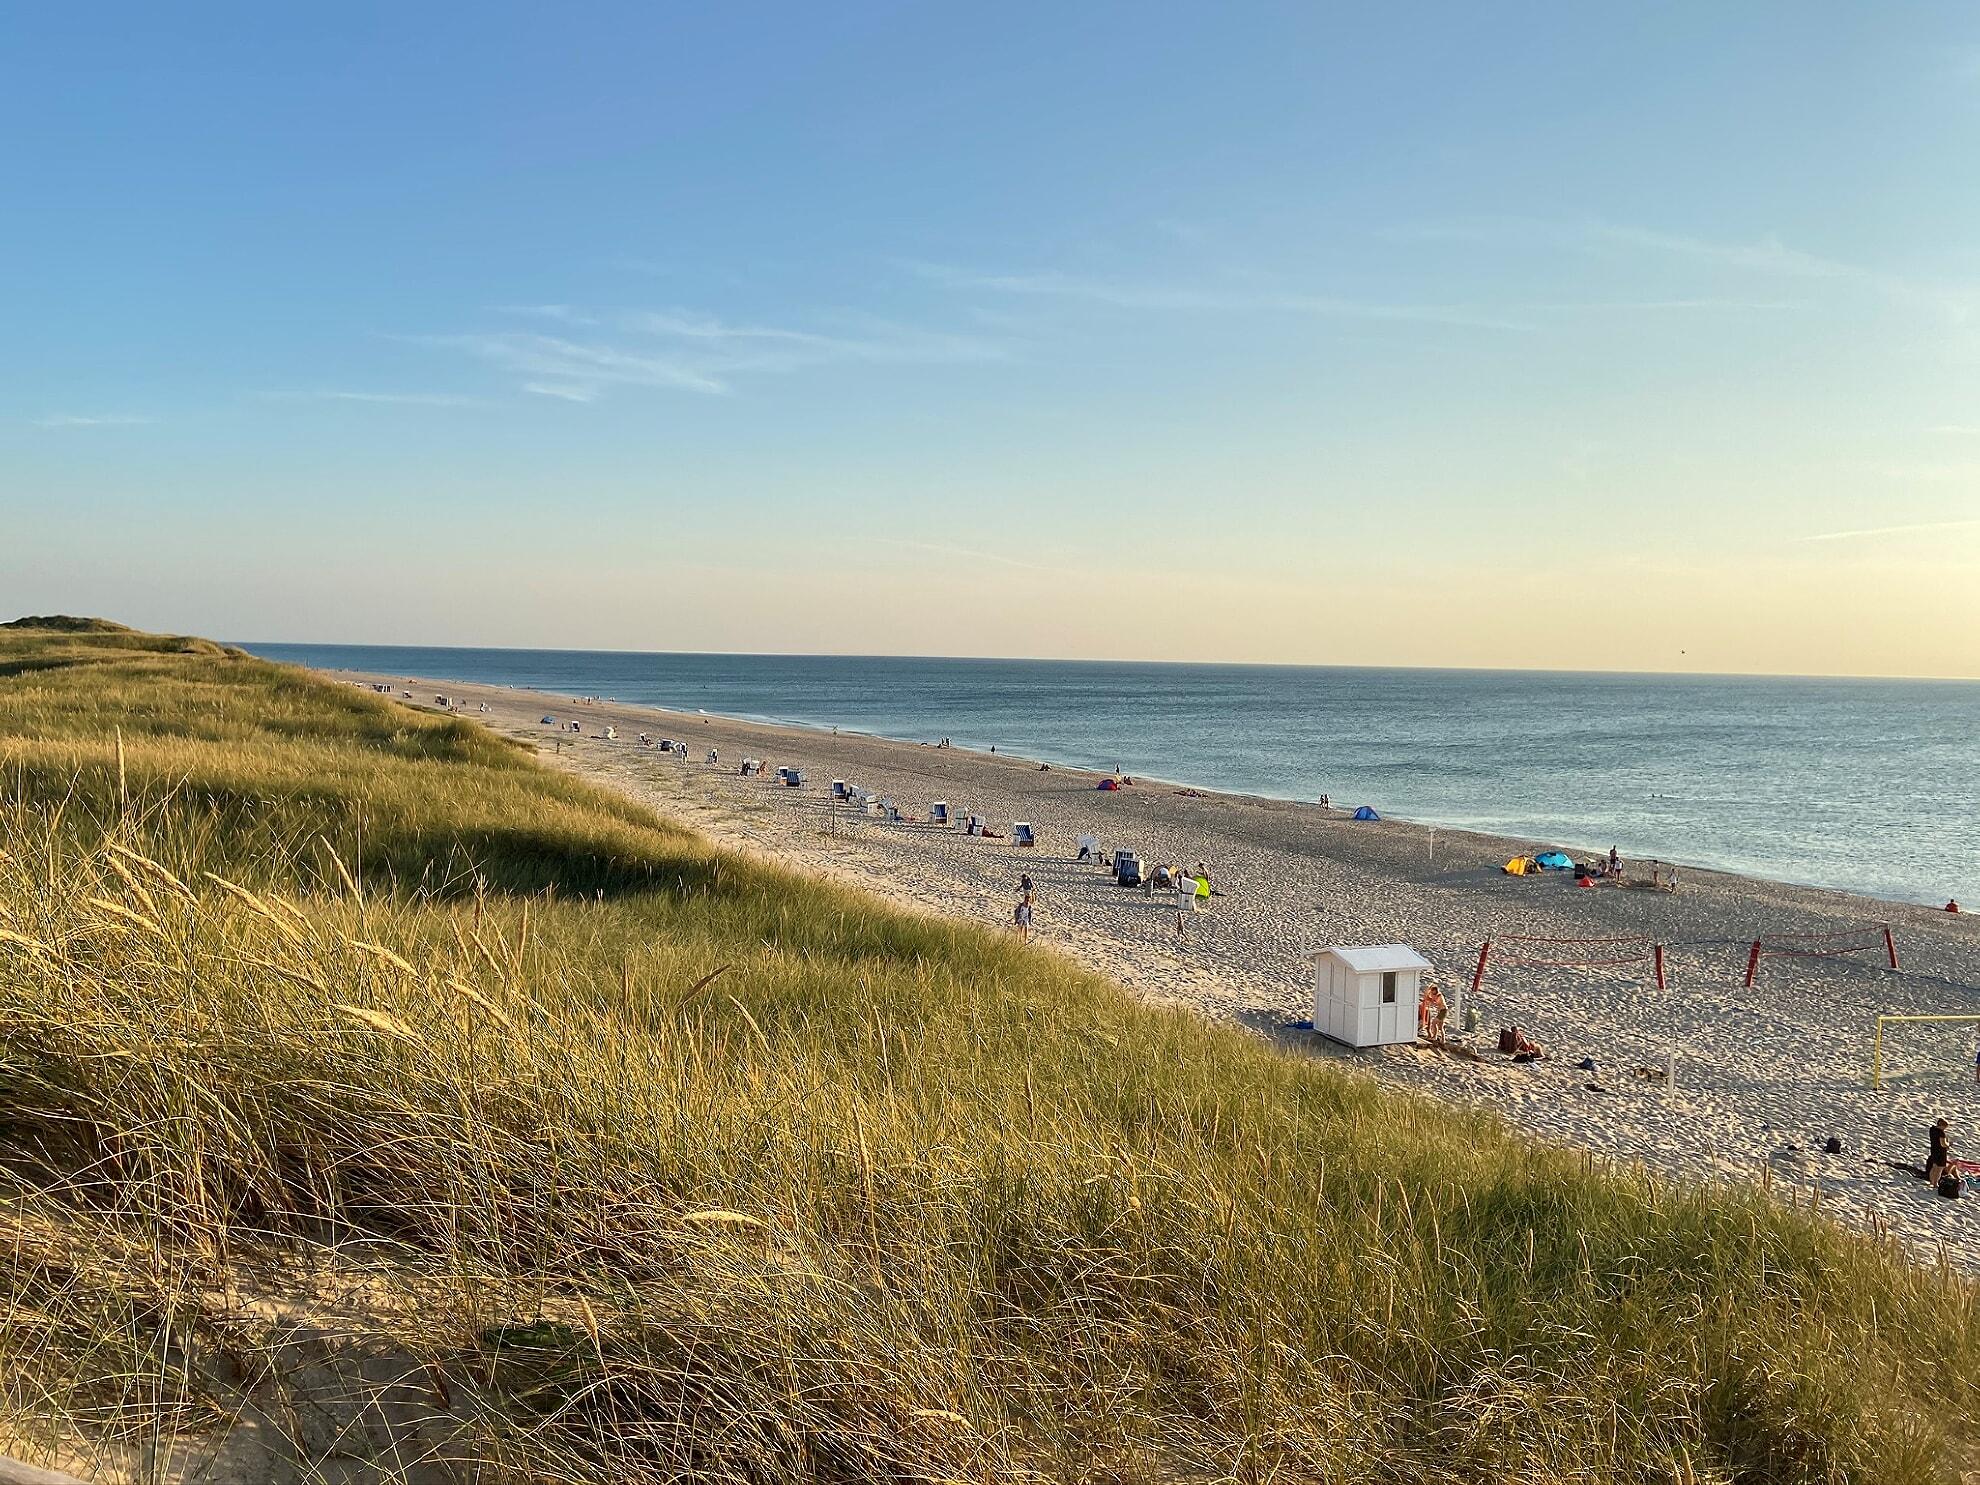 Sonnen fkk FKK Strand